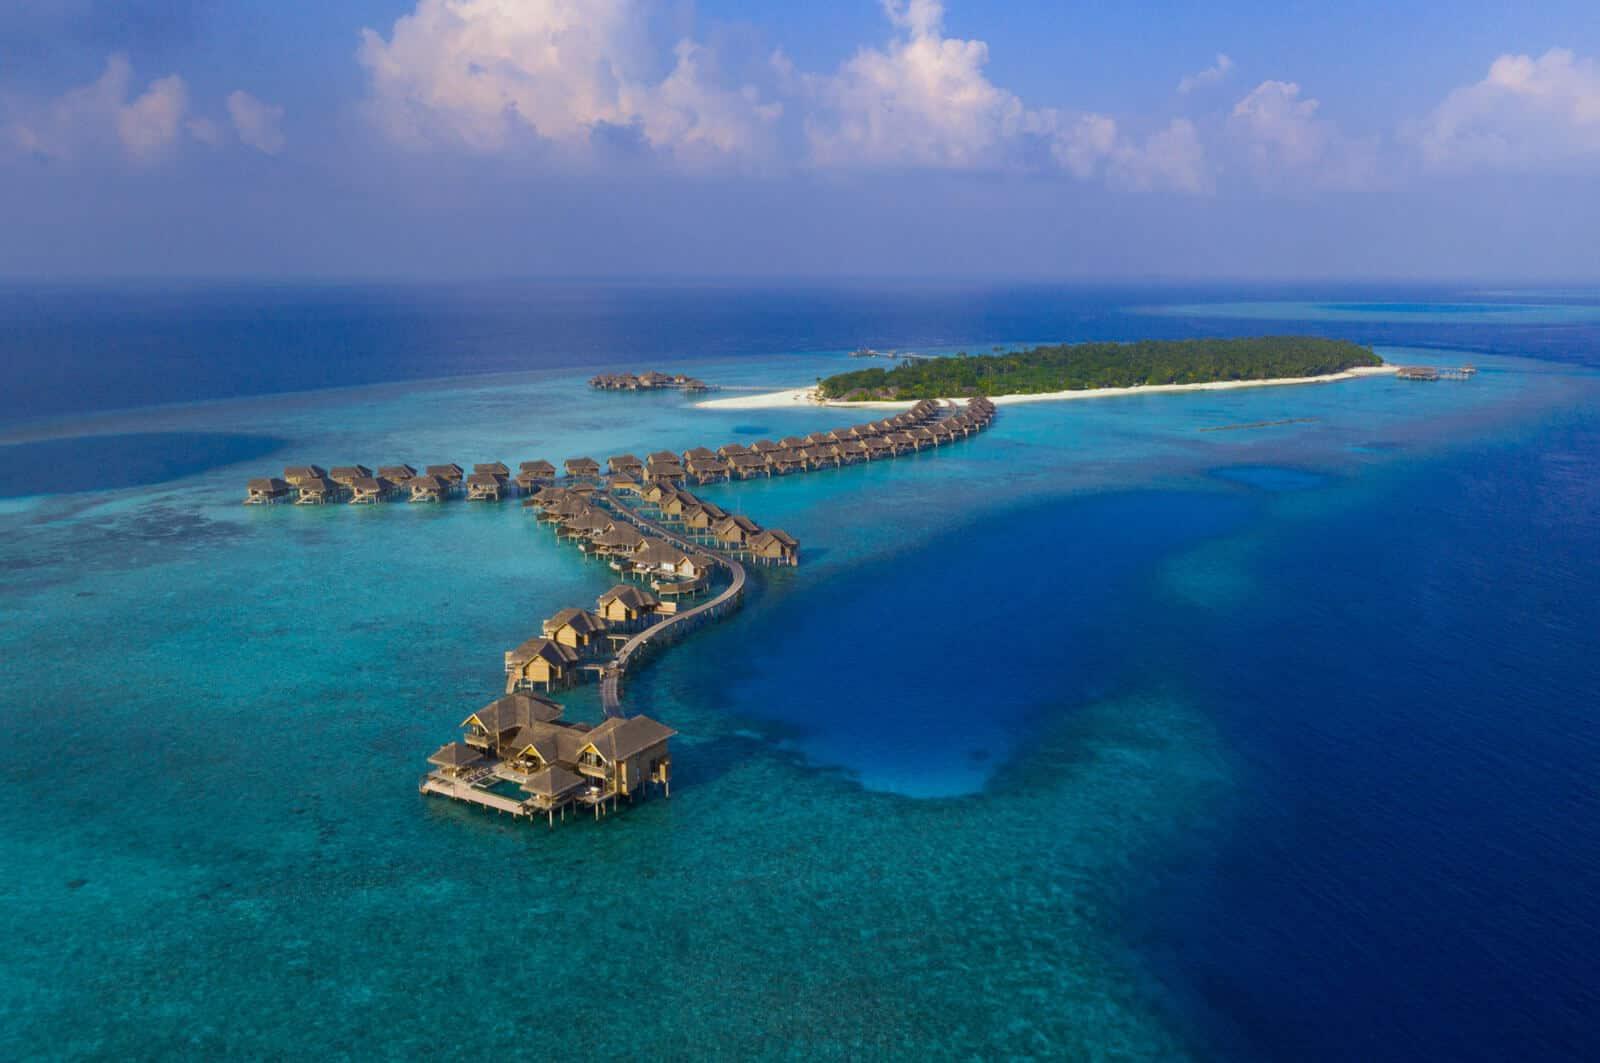 Отель находится на территории биосферного заповедника Баа, поэтому вас будут окружать кристально чистые воды лагуны, пышная тропическая зелень и странные представители местного подводного мира.